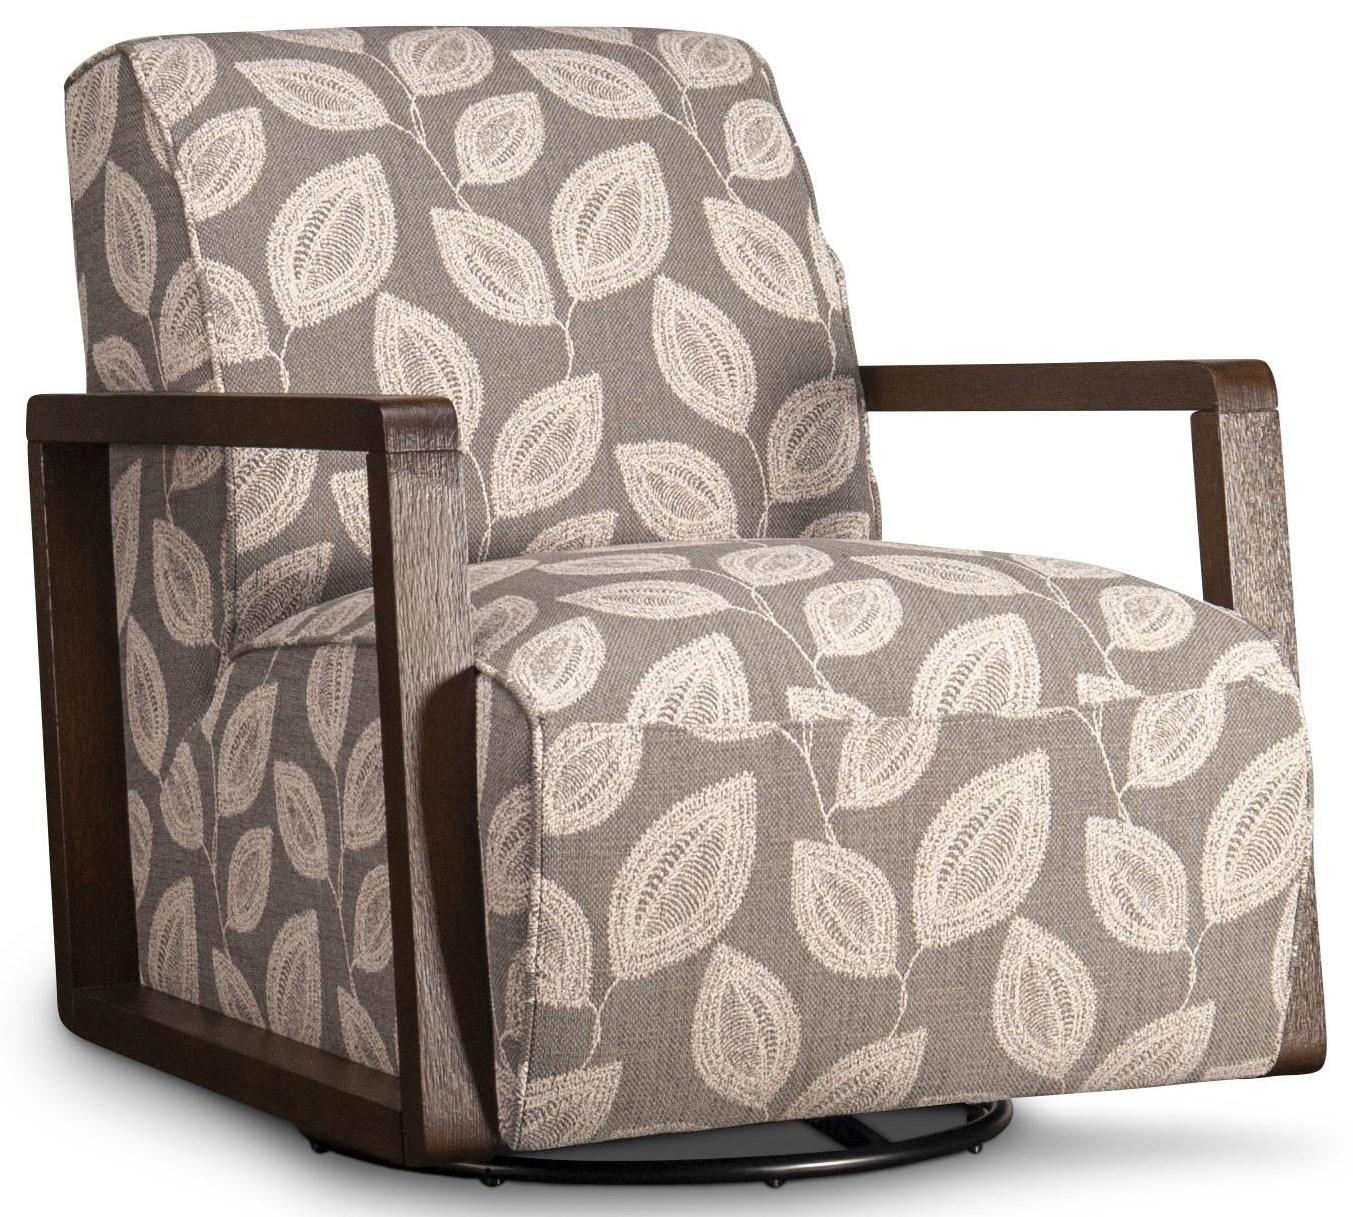 Kearny Kearny Swivel Chair by Kuka Home at Morris Home